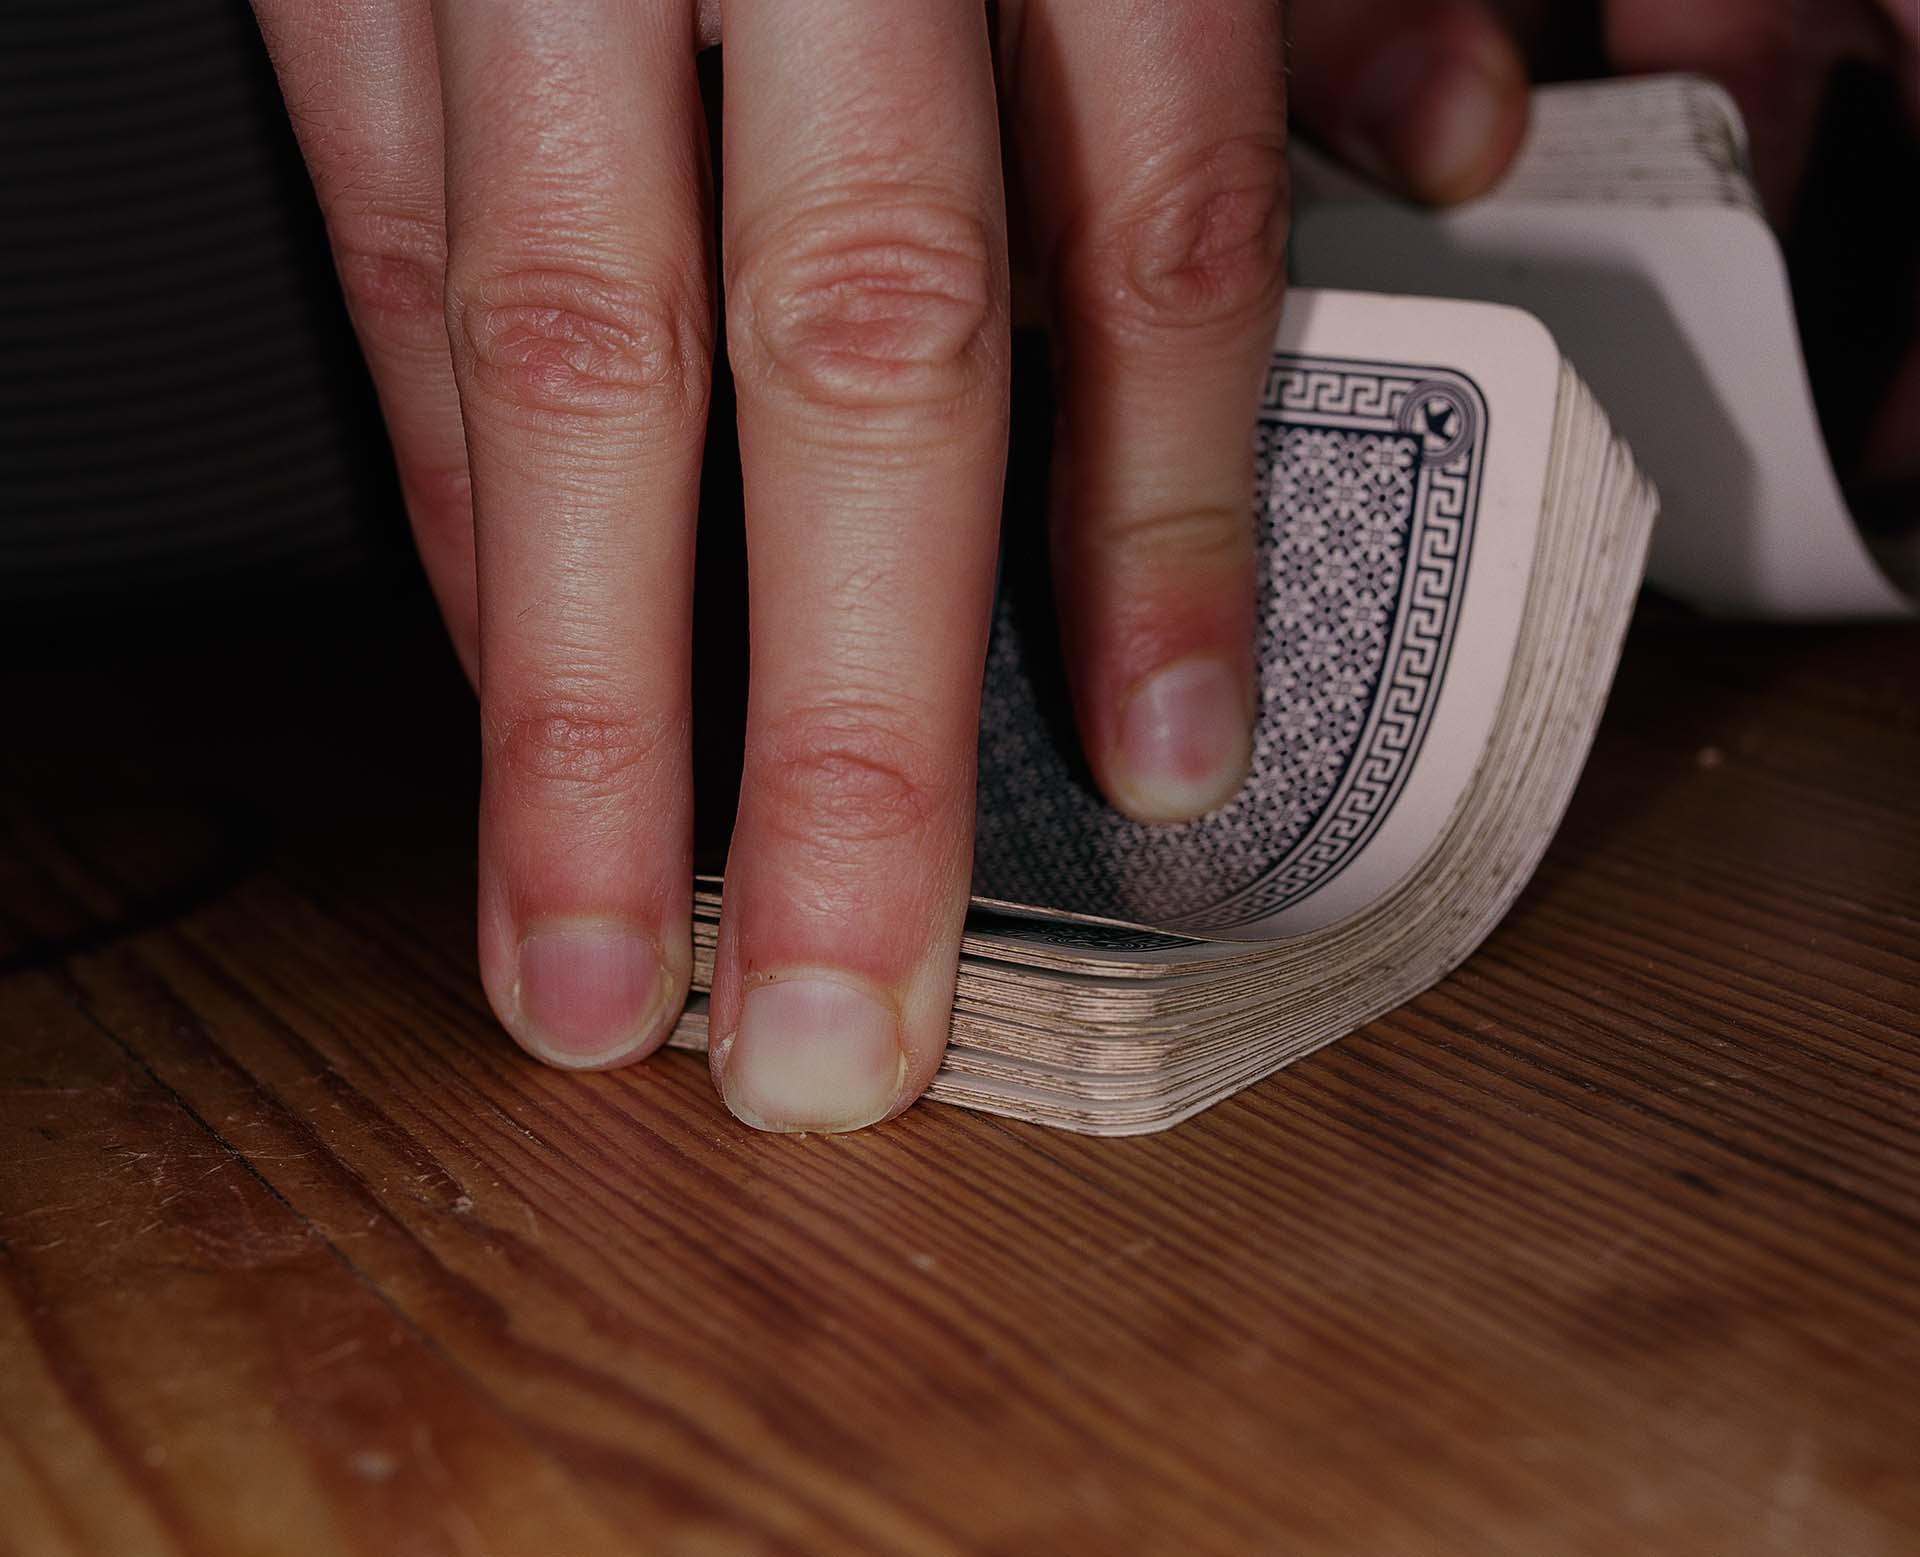 03_032_09 nagelhand 60x48 SLUTPRINT.jpg